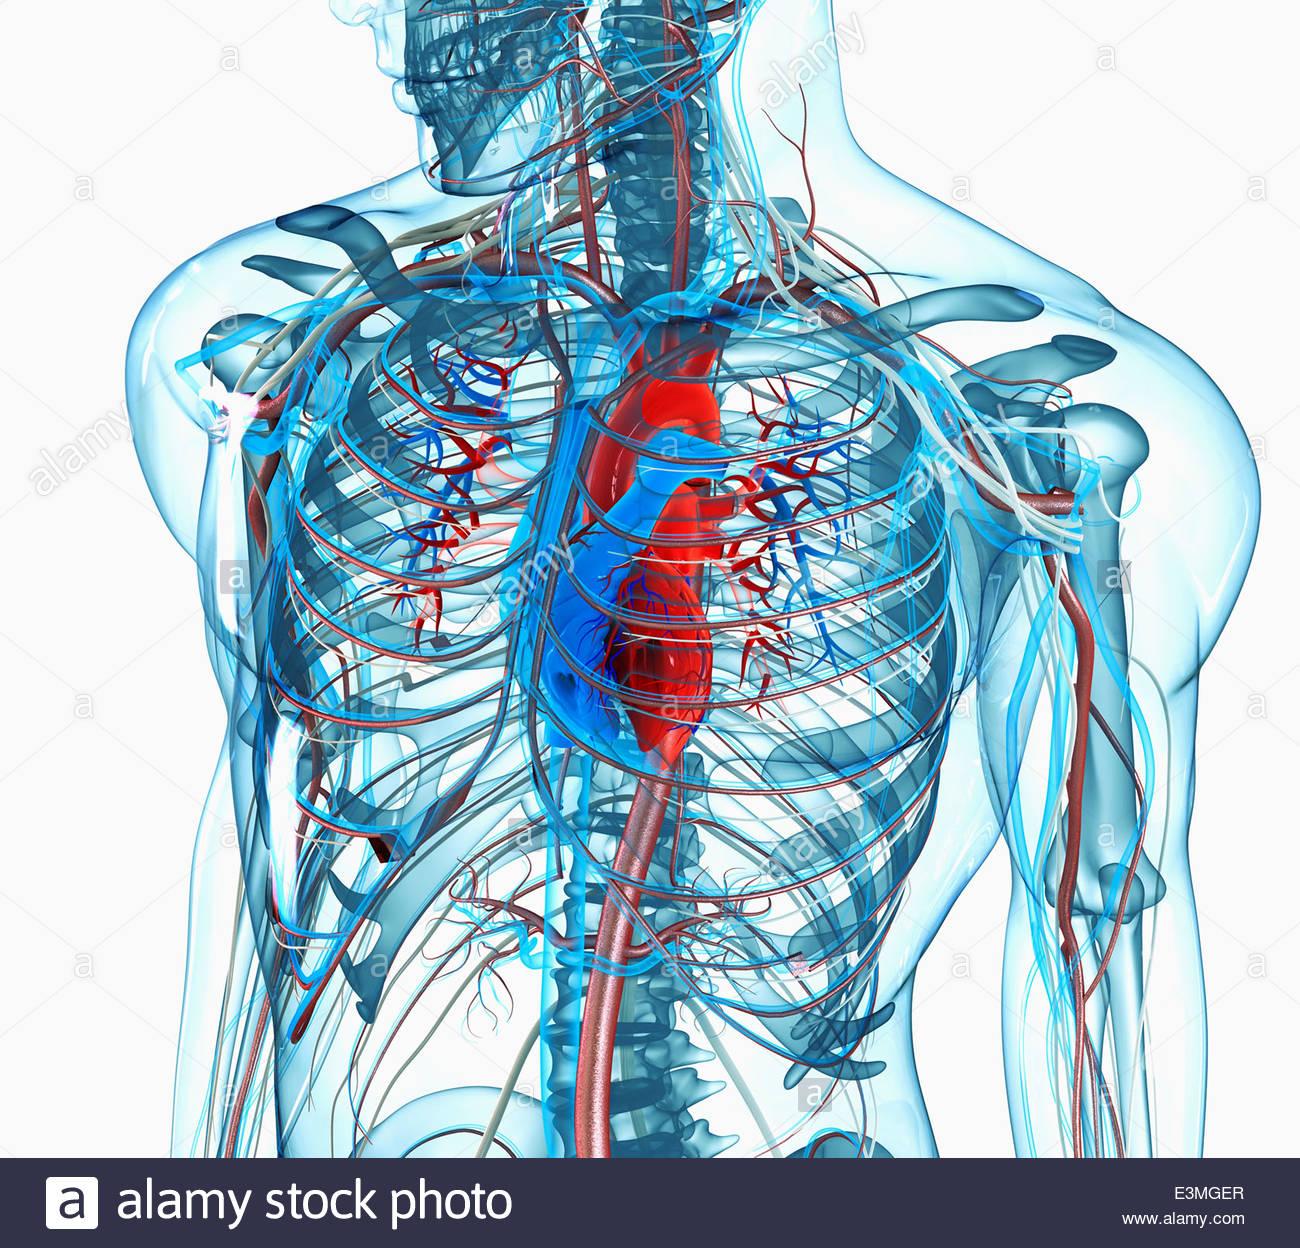 Menschlichen männlichen anatomisches Modell des Brust, Herz und ...